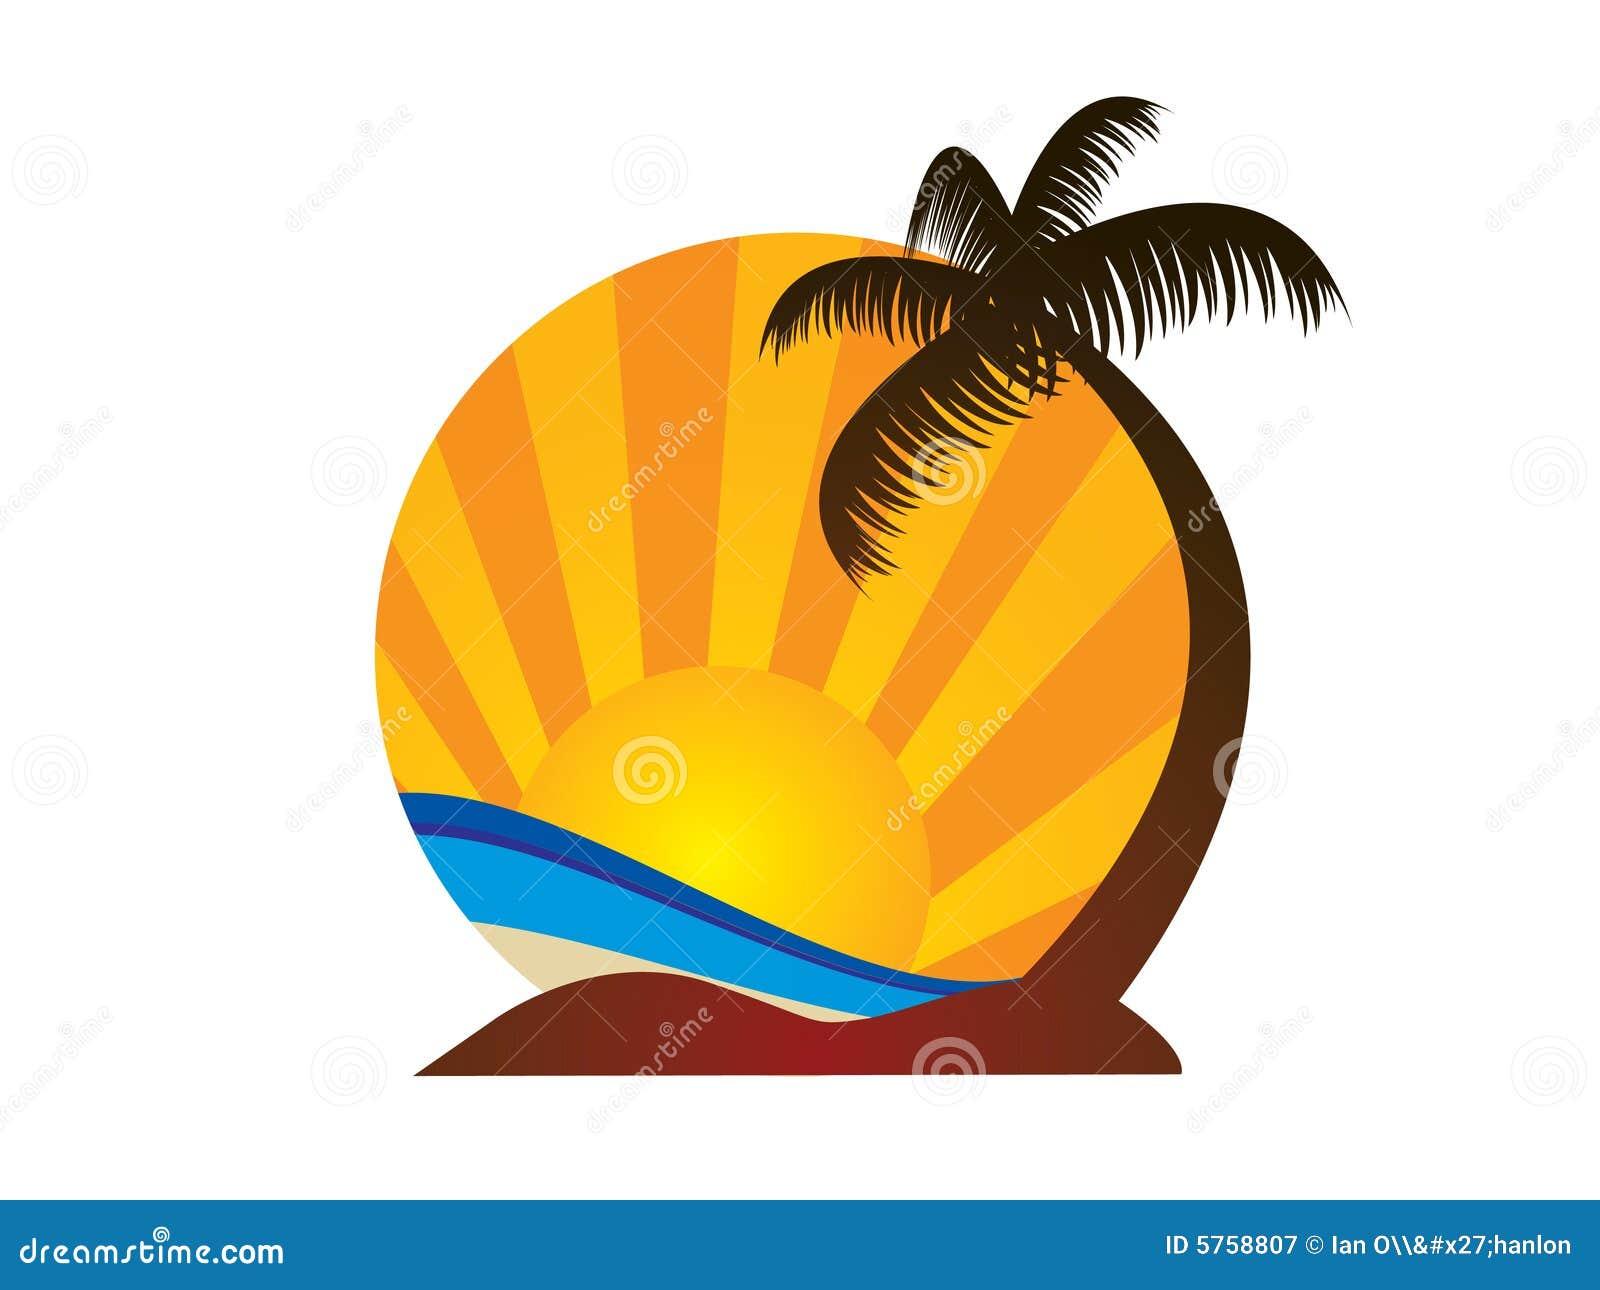 Logotipo da praia ilustração do vetor. Ilustração de logo